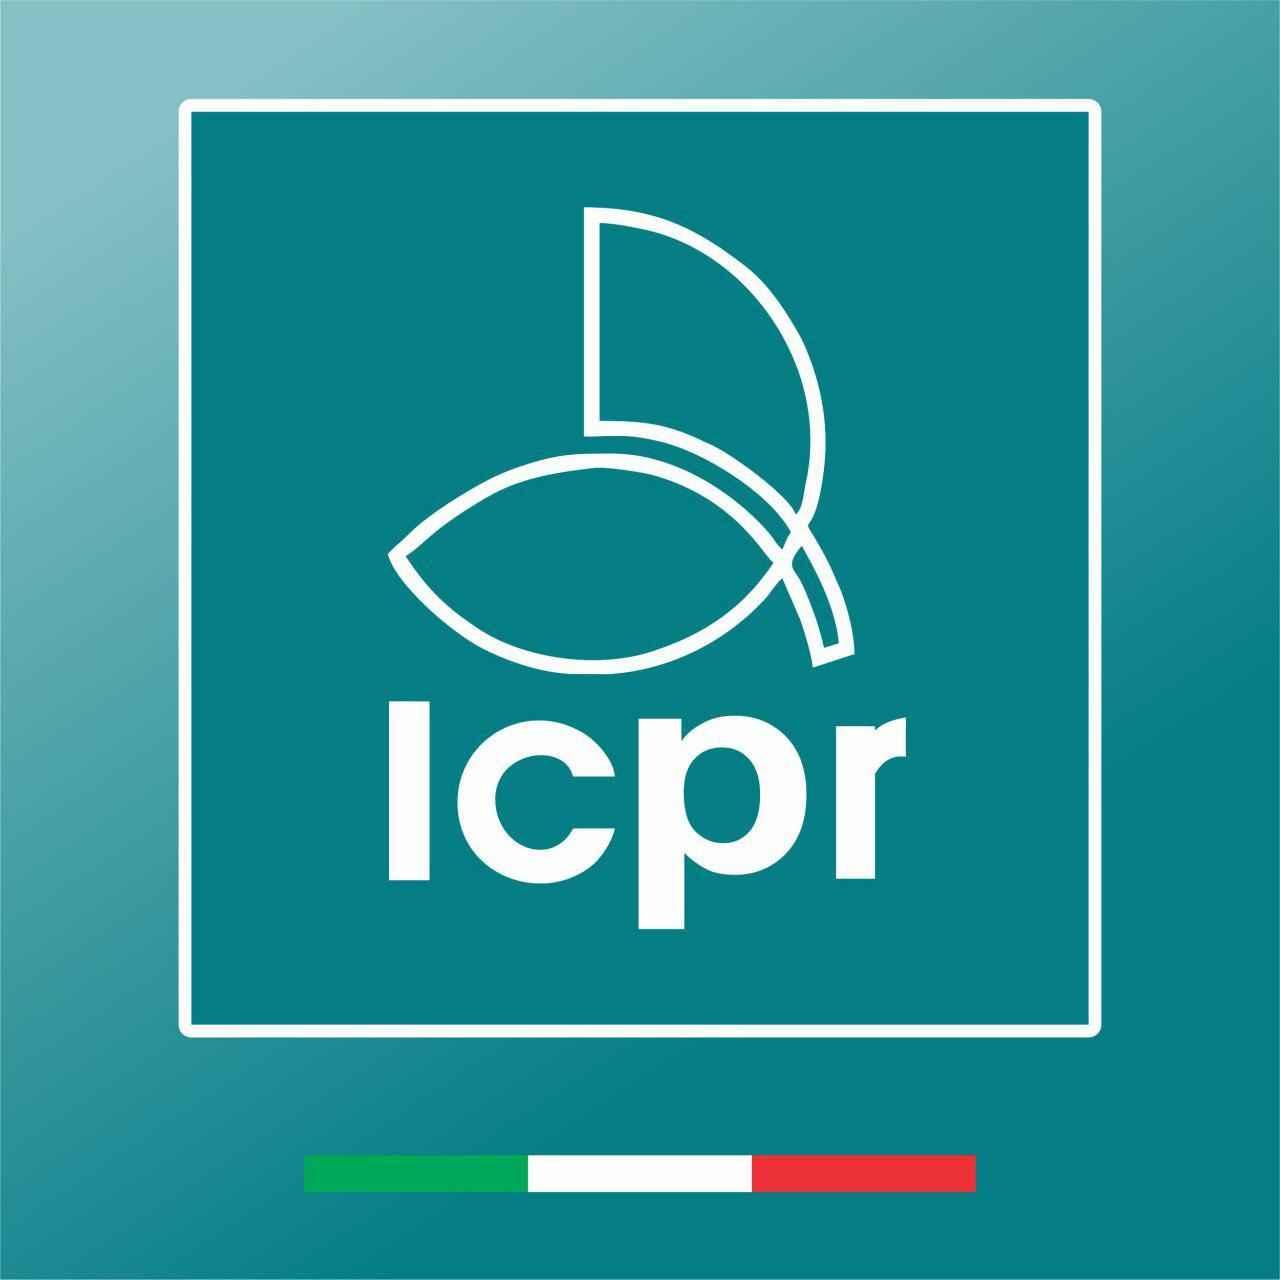 پانزدهمین کنفرانس بینالمللی روابط عمومی ایران با موضــوع برنامه ریزی بر پایه سناریو